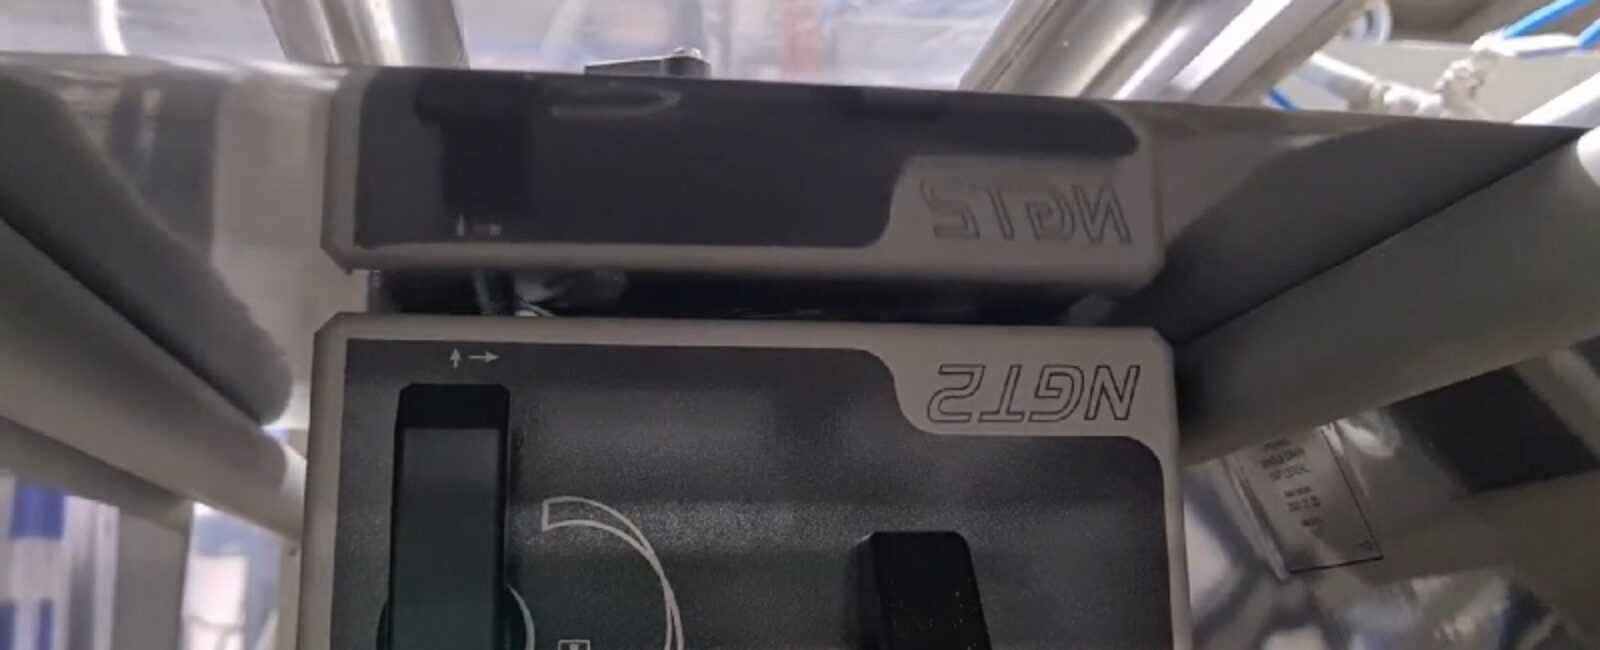 printer voor graanverwerkende bedrijf